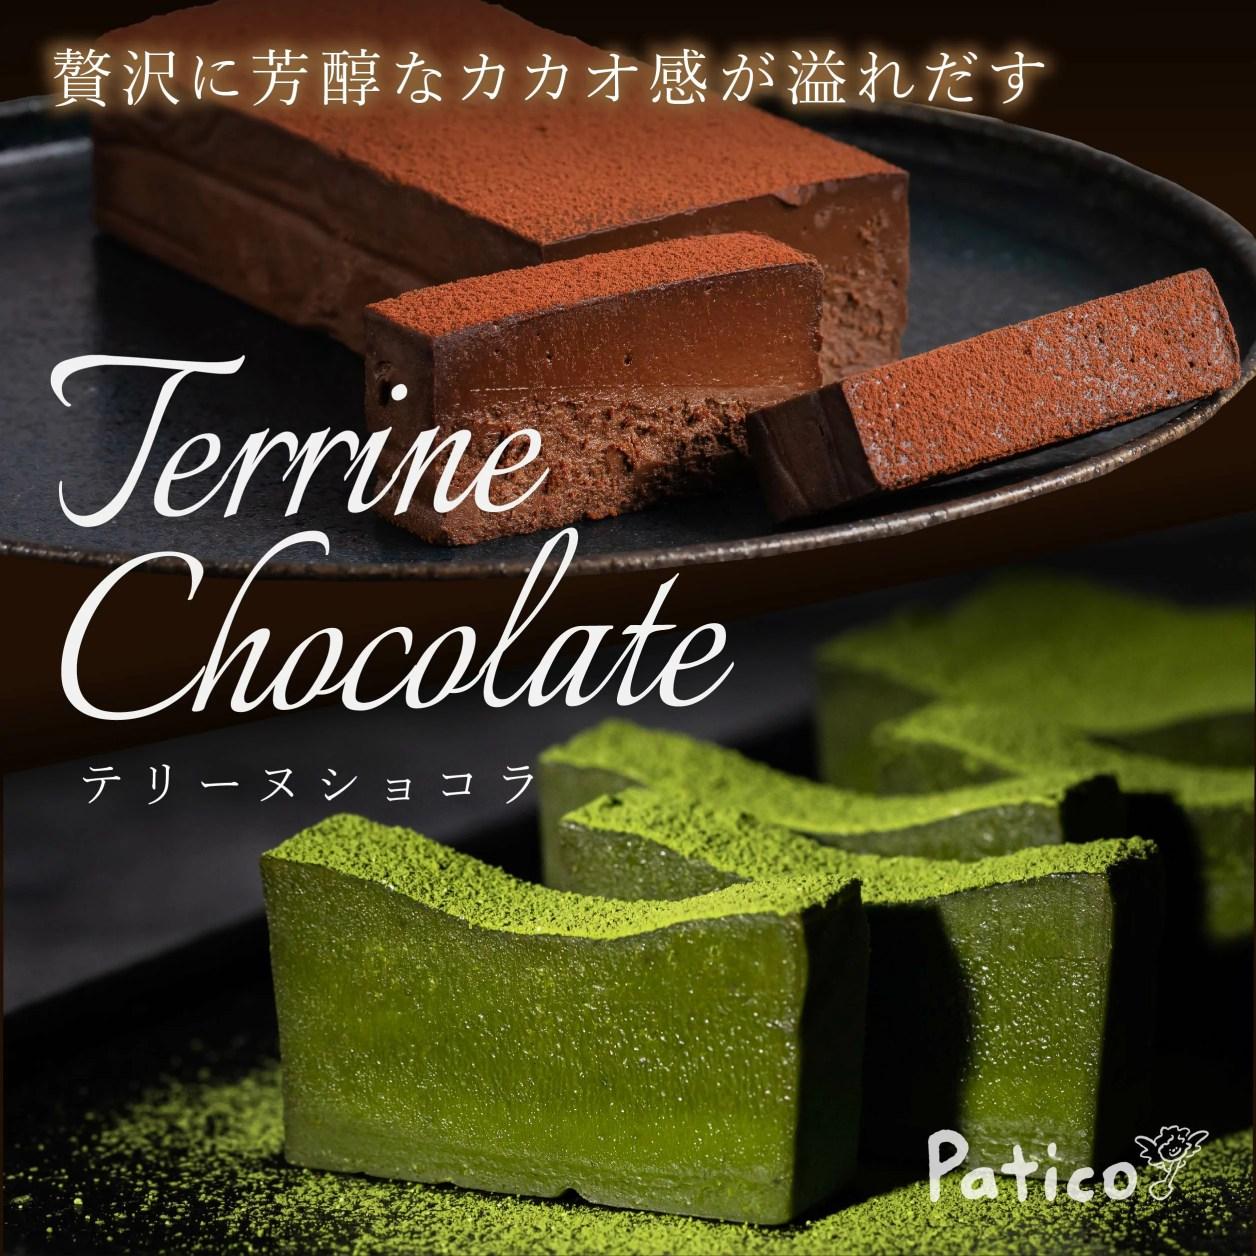 \半額/ ホワイトデー スイーツ 送料無料 生チョコケーキ